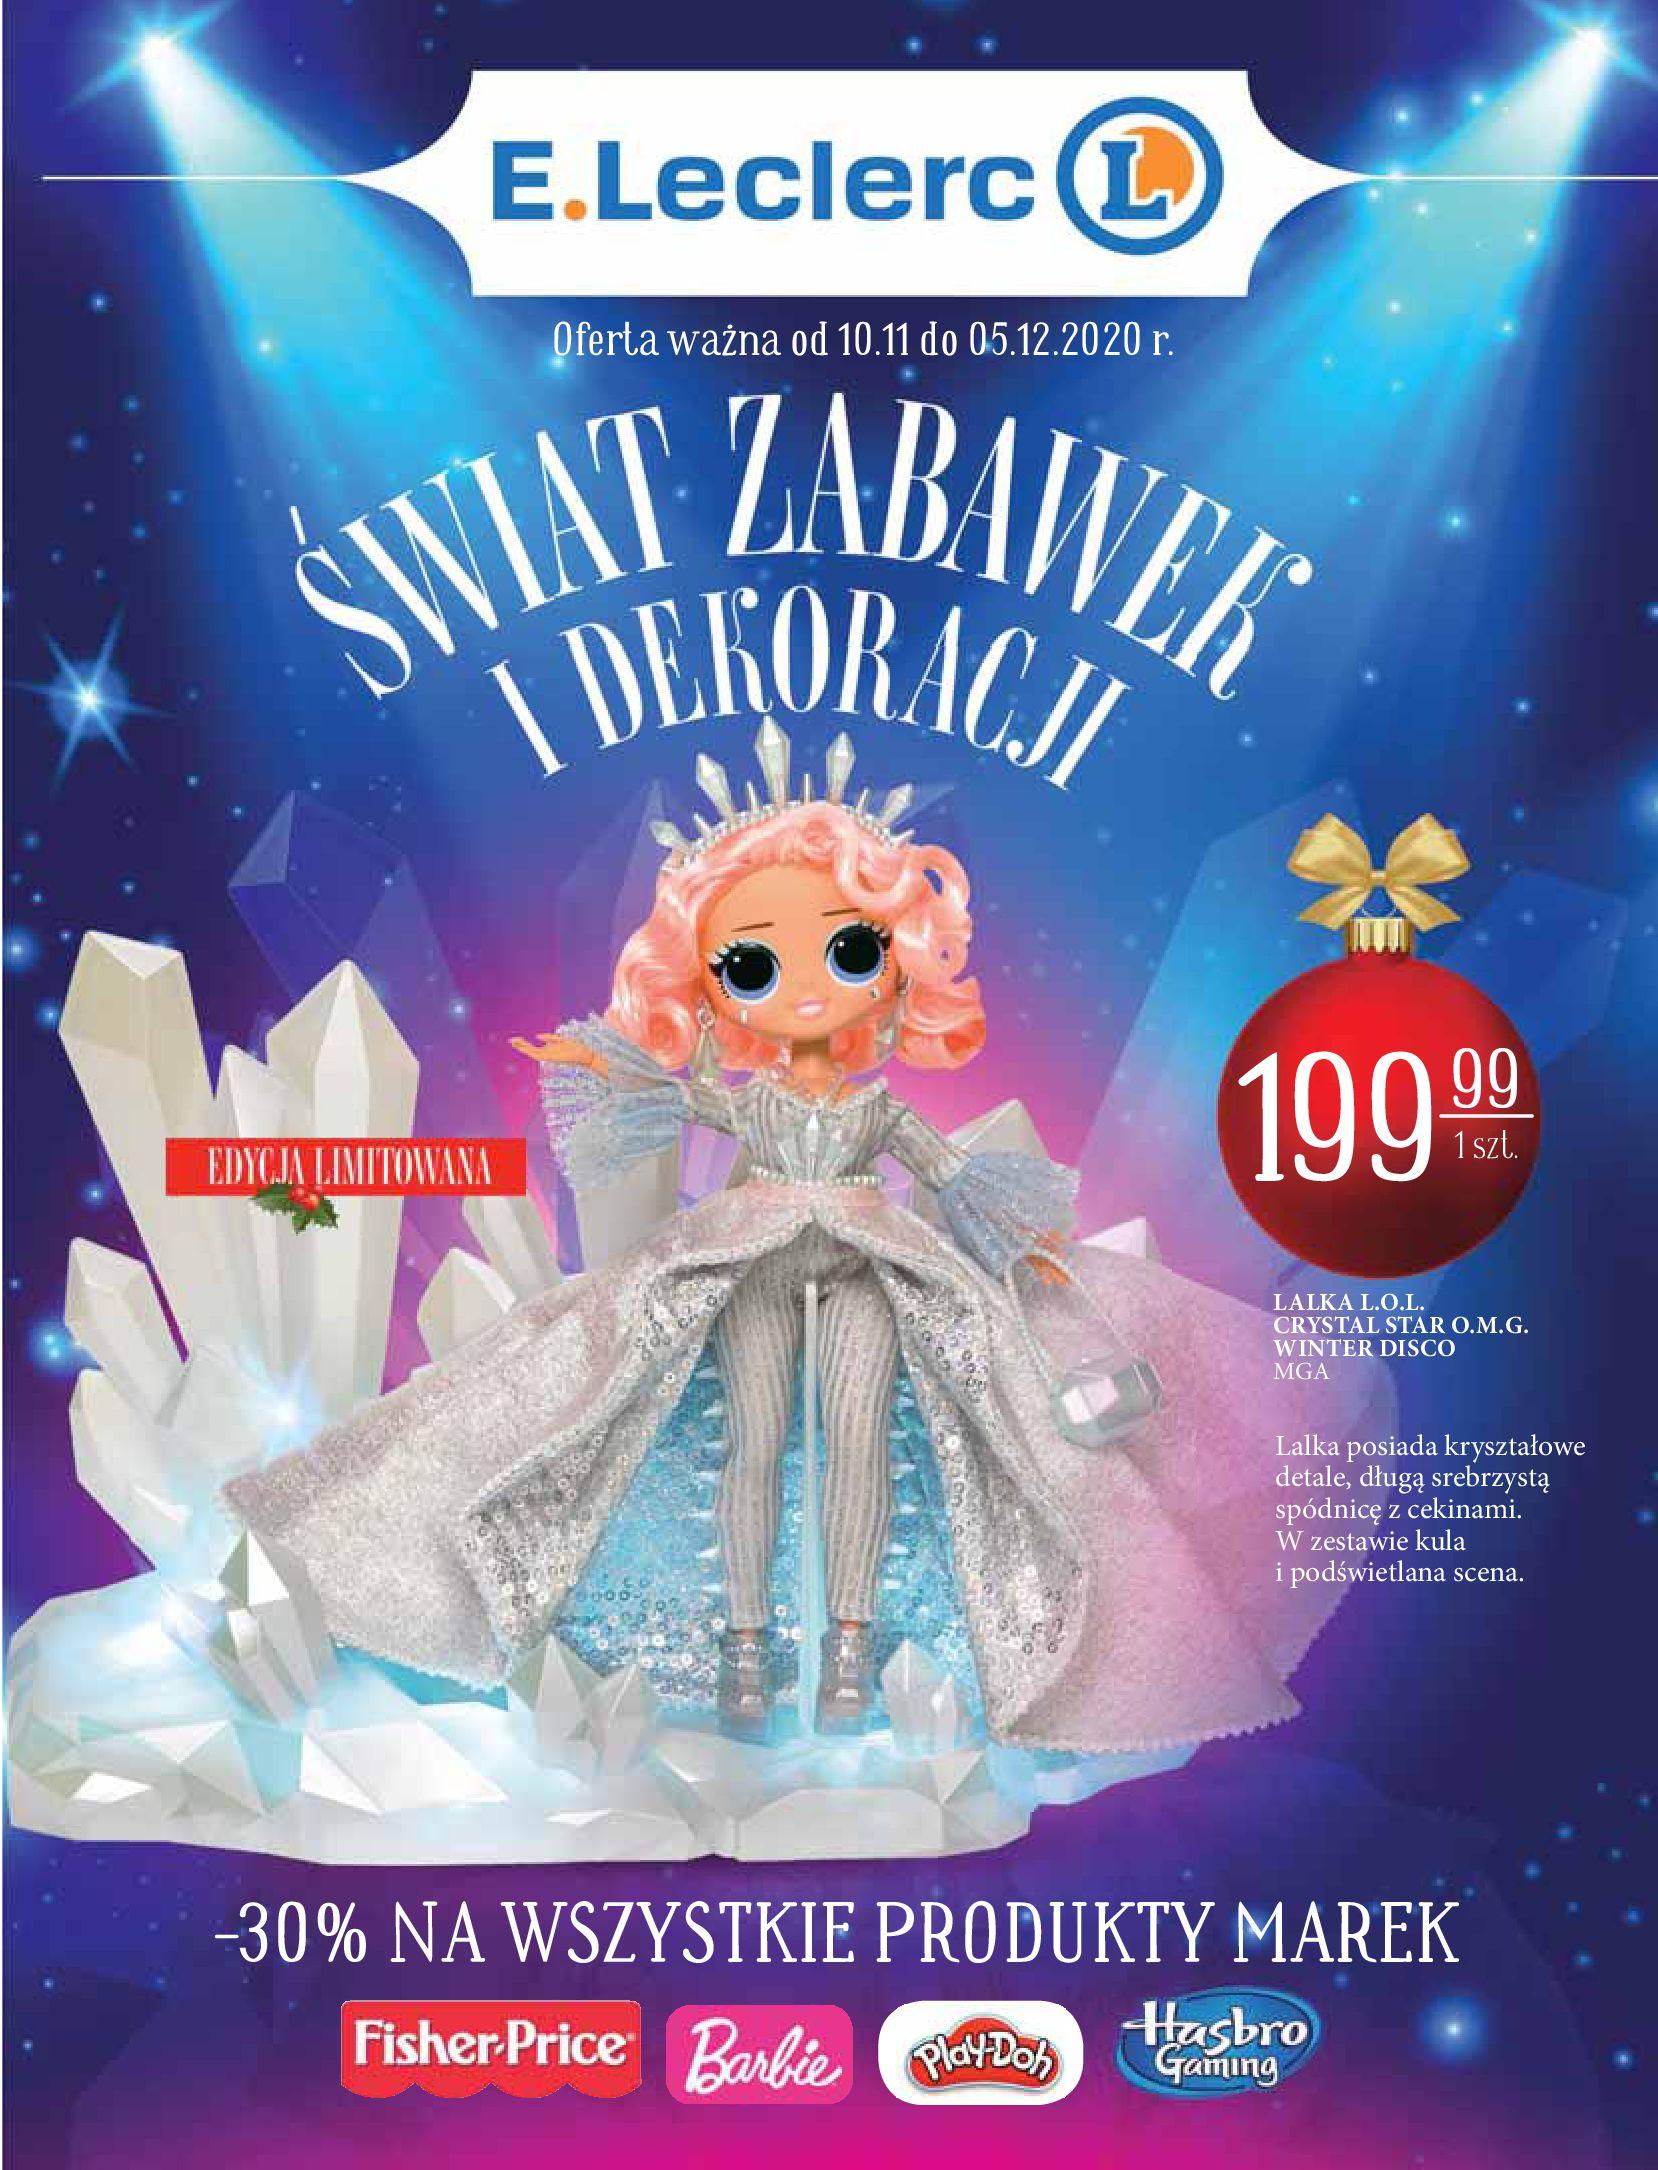 Gazetka E.Leclerc: Świat zabawek i dekoracji 2020-11-10 page-1